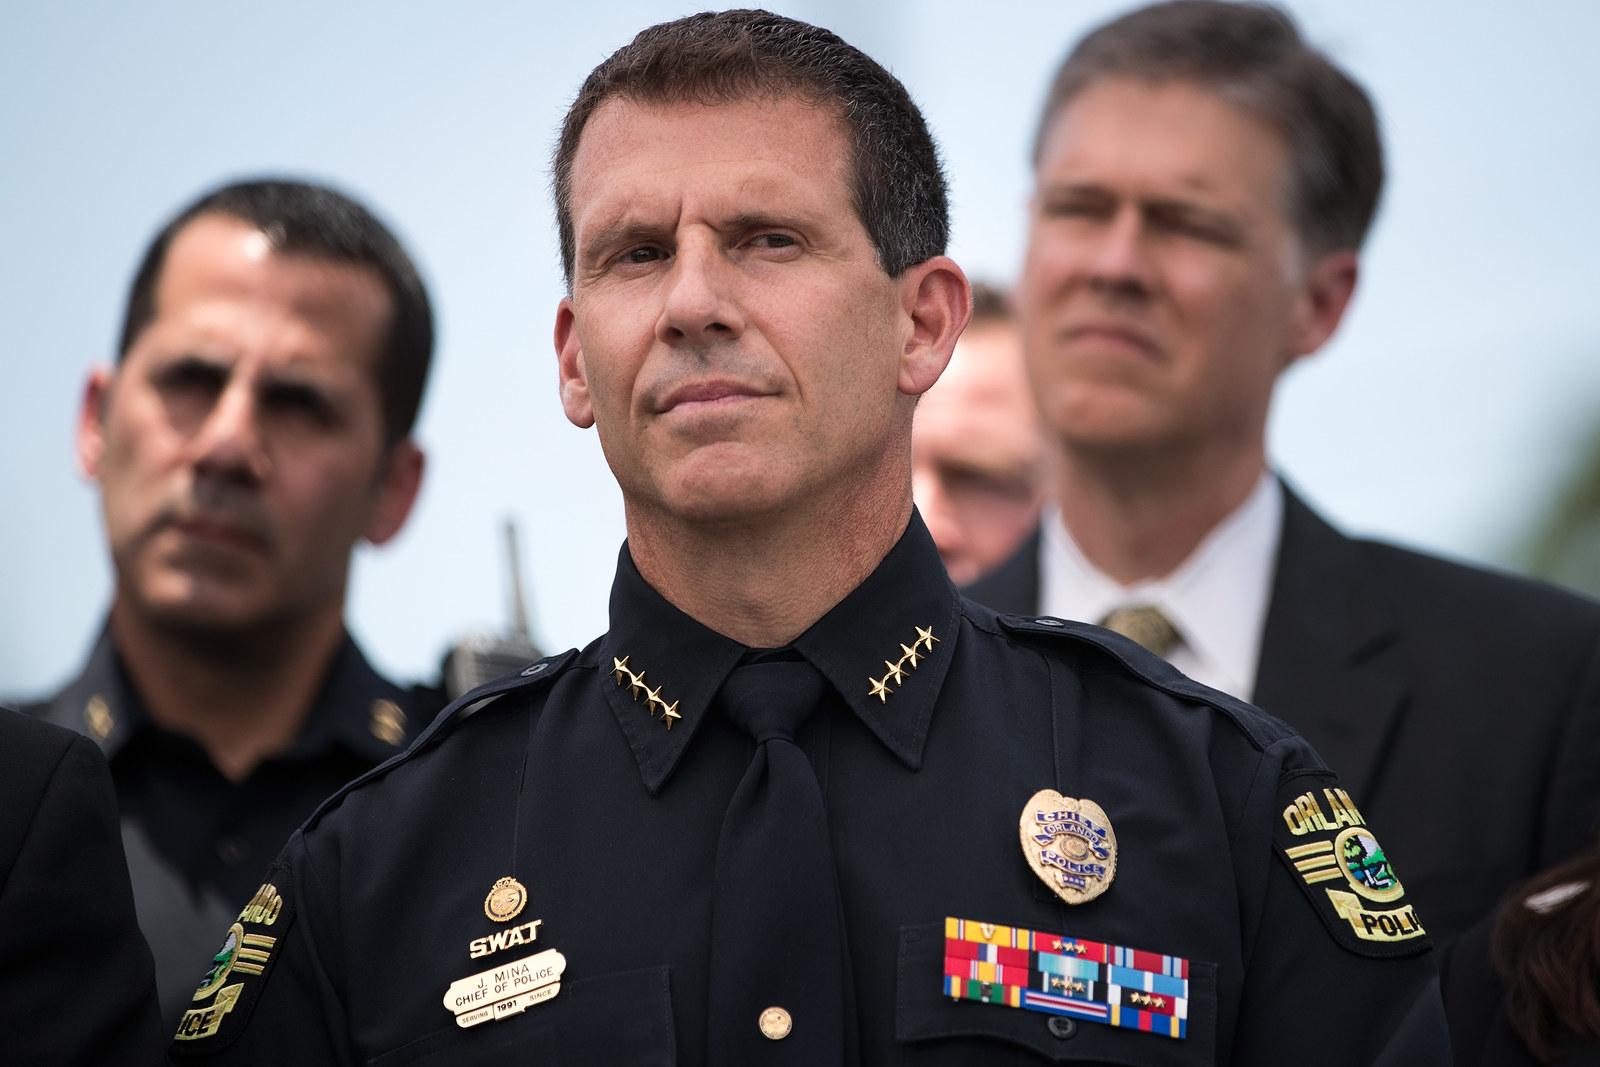 City of Orlando Police Chief John Mina